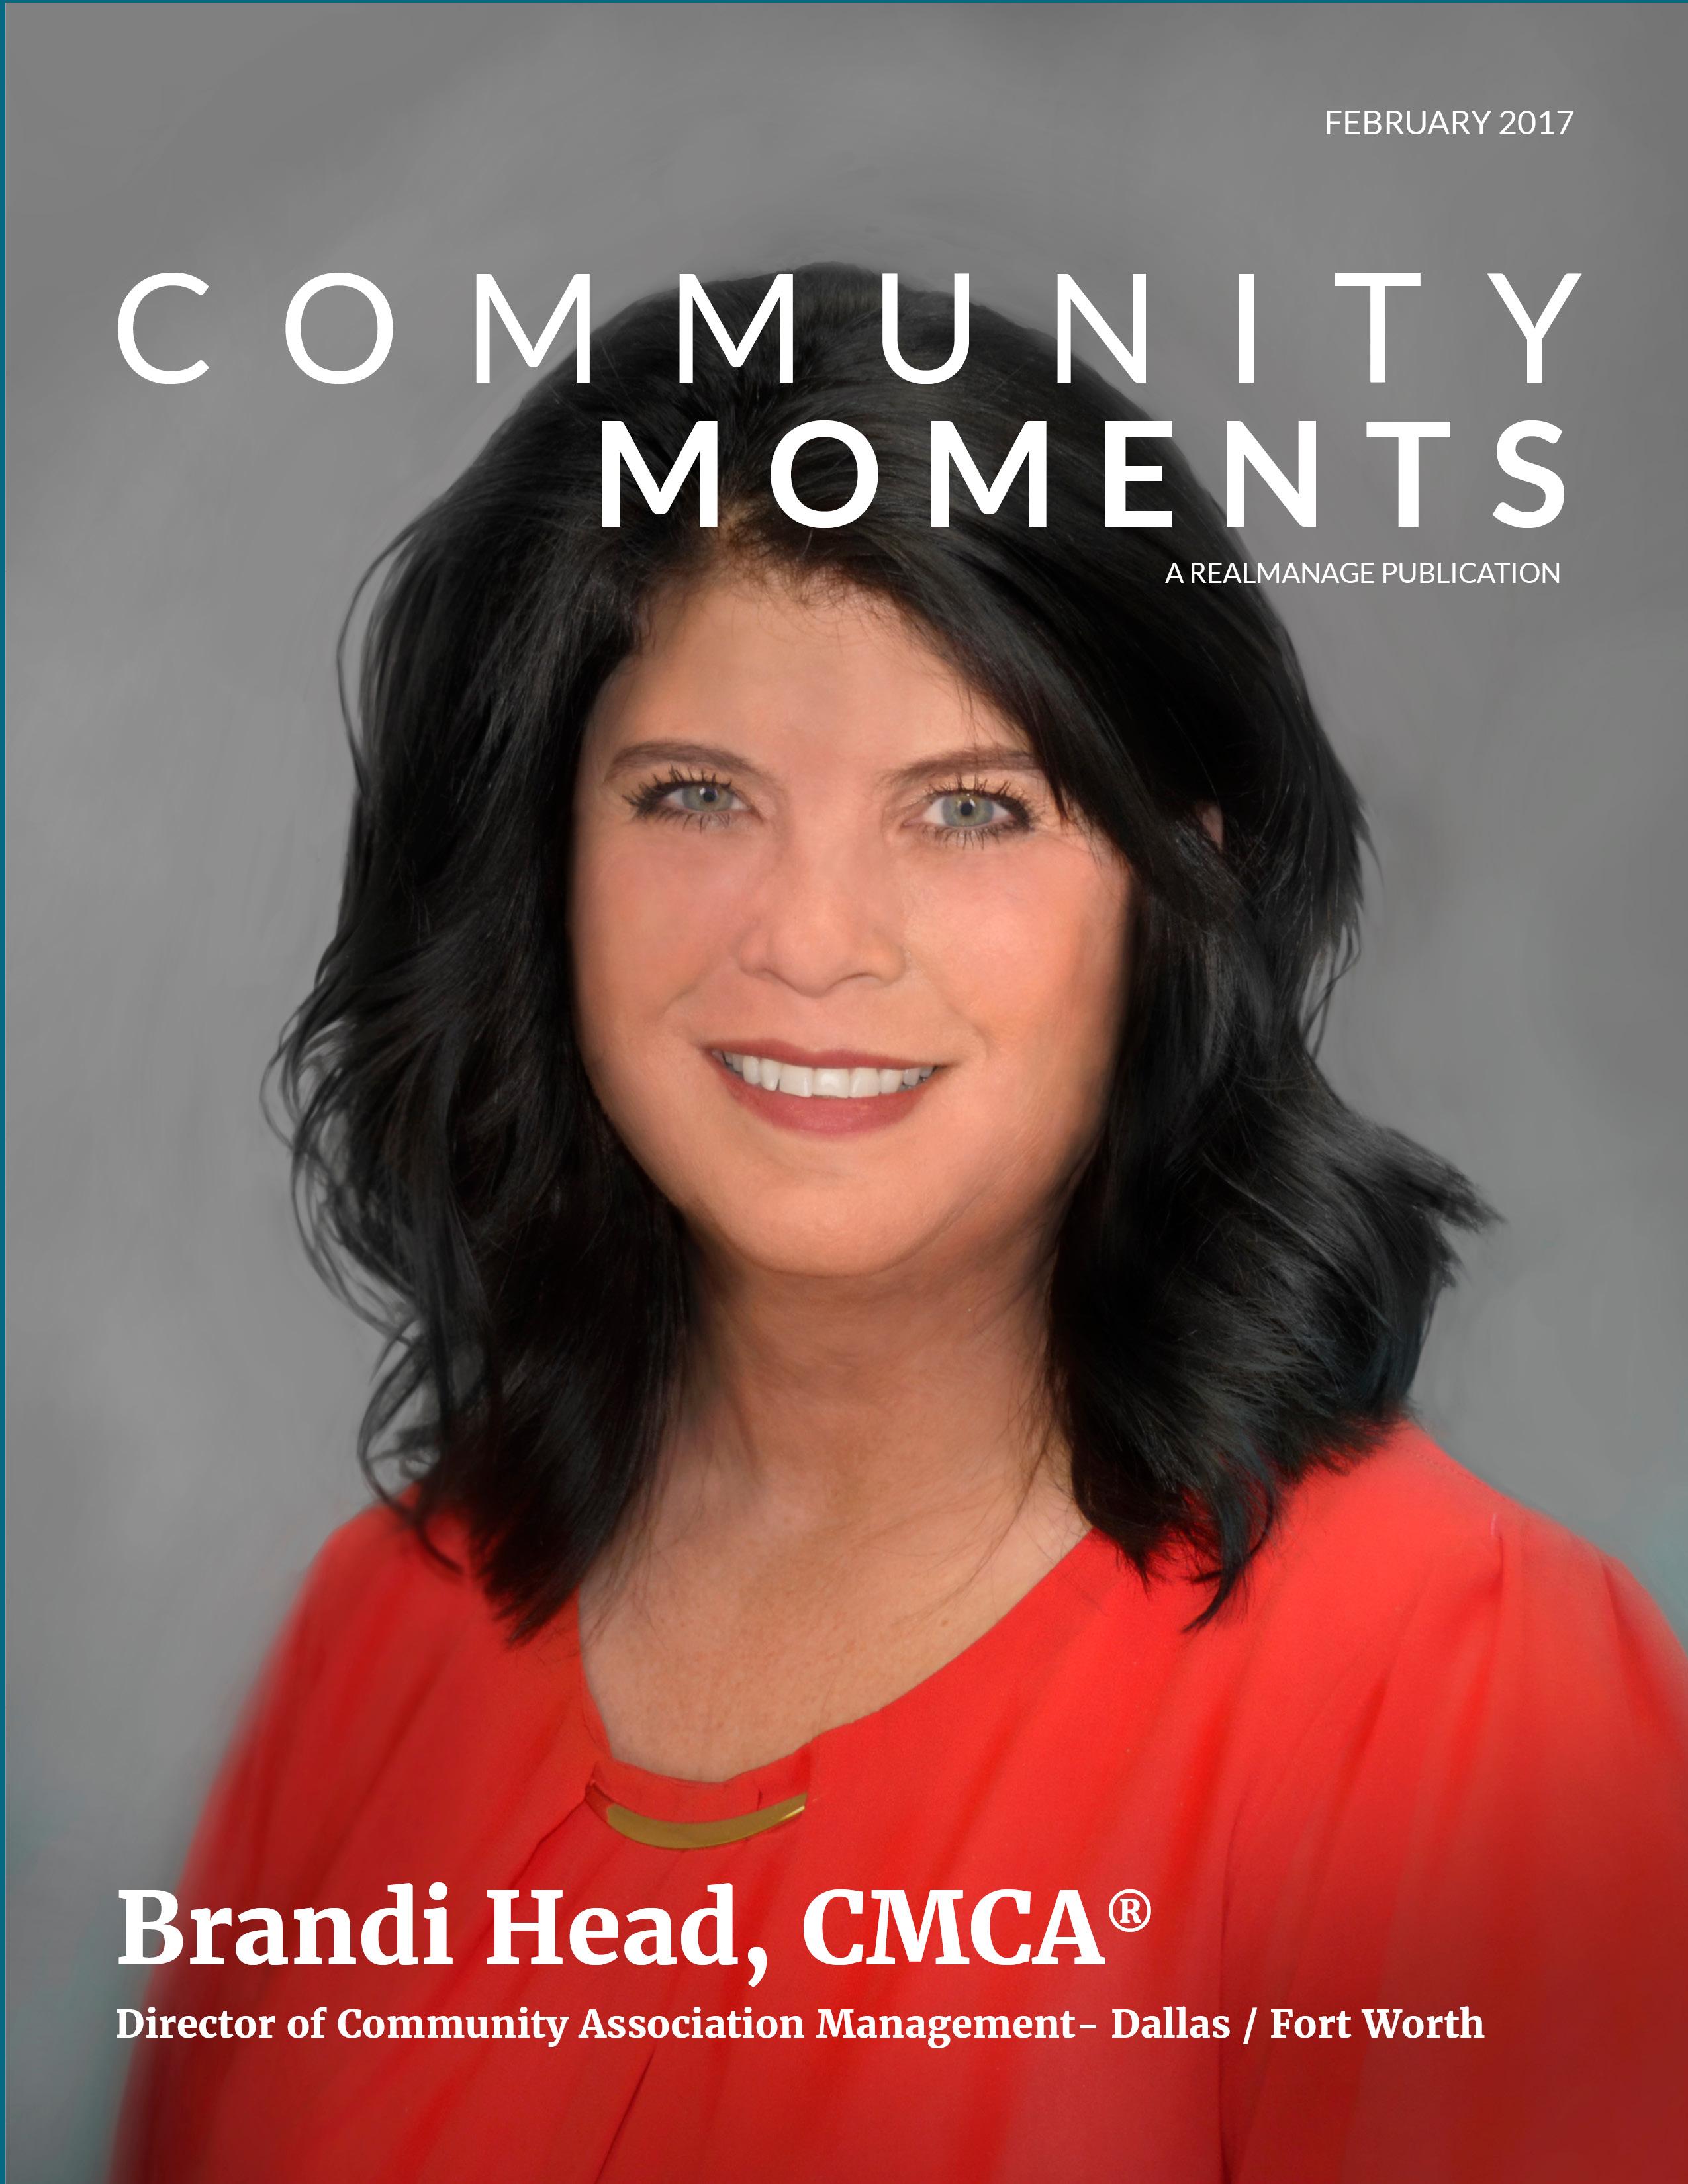 RealManage Community Moments Magazine - February